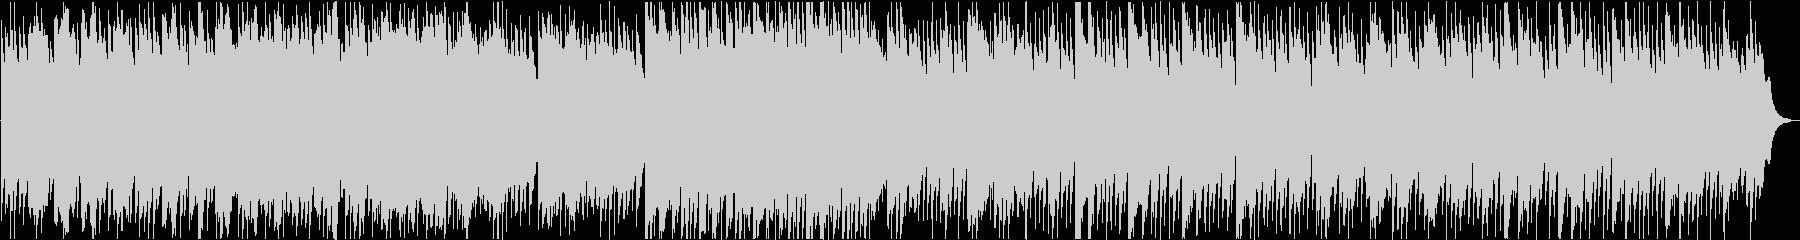 優しいハープのヒーリング曲の未再生の波形